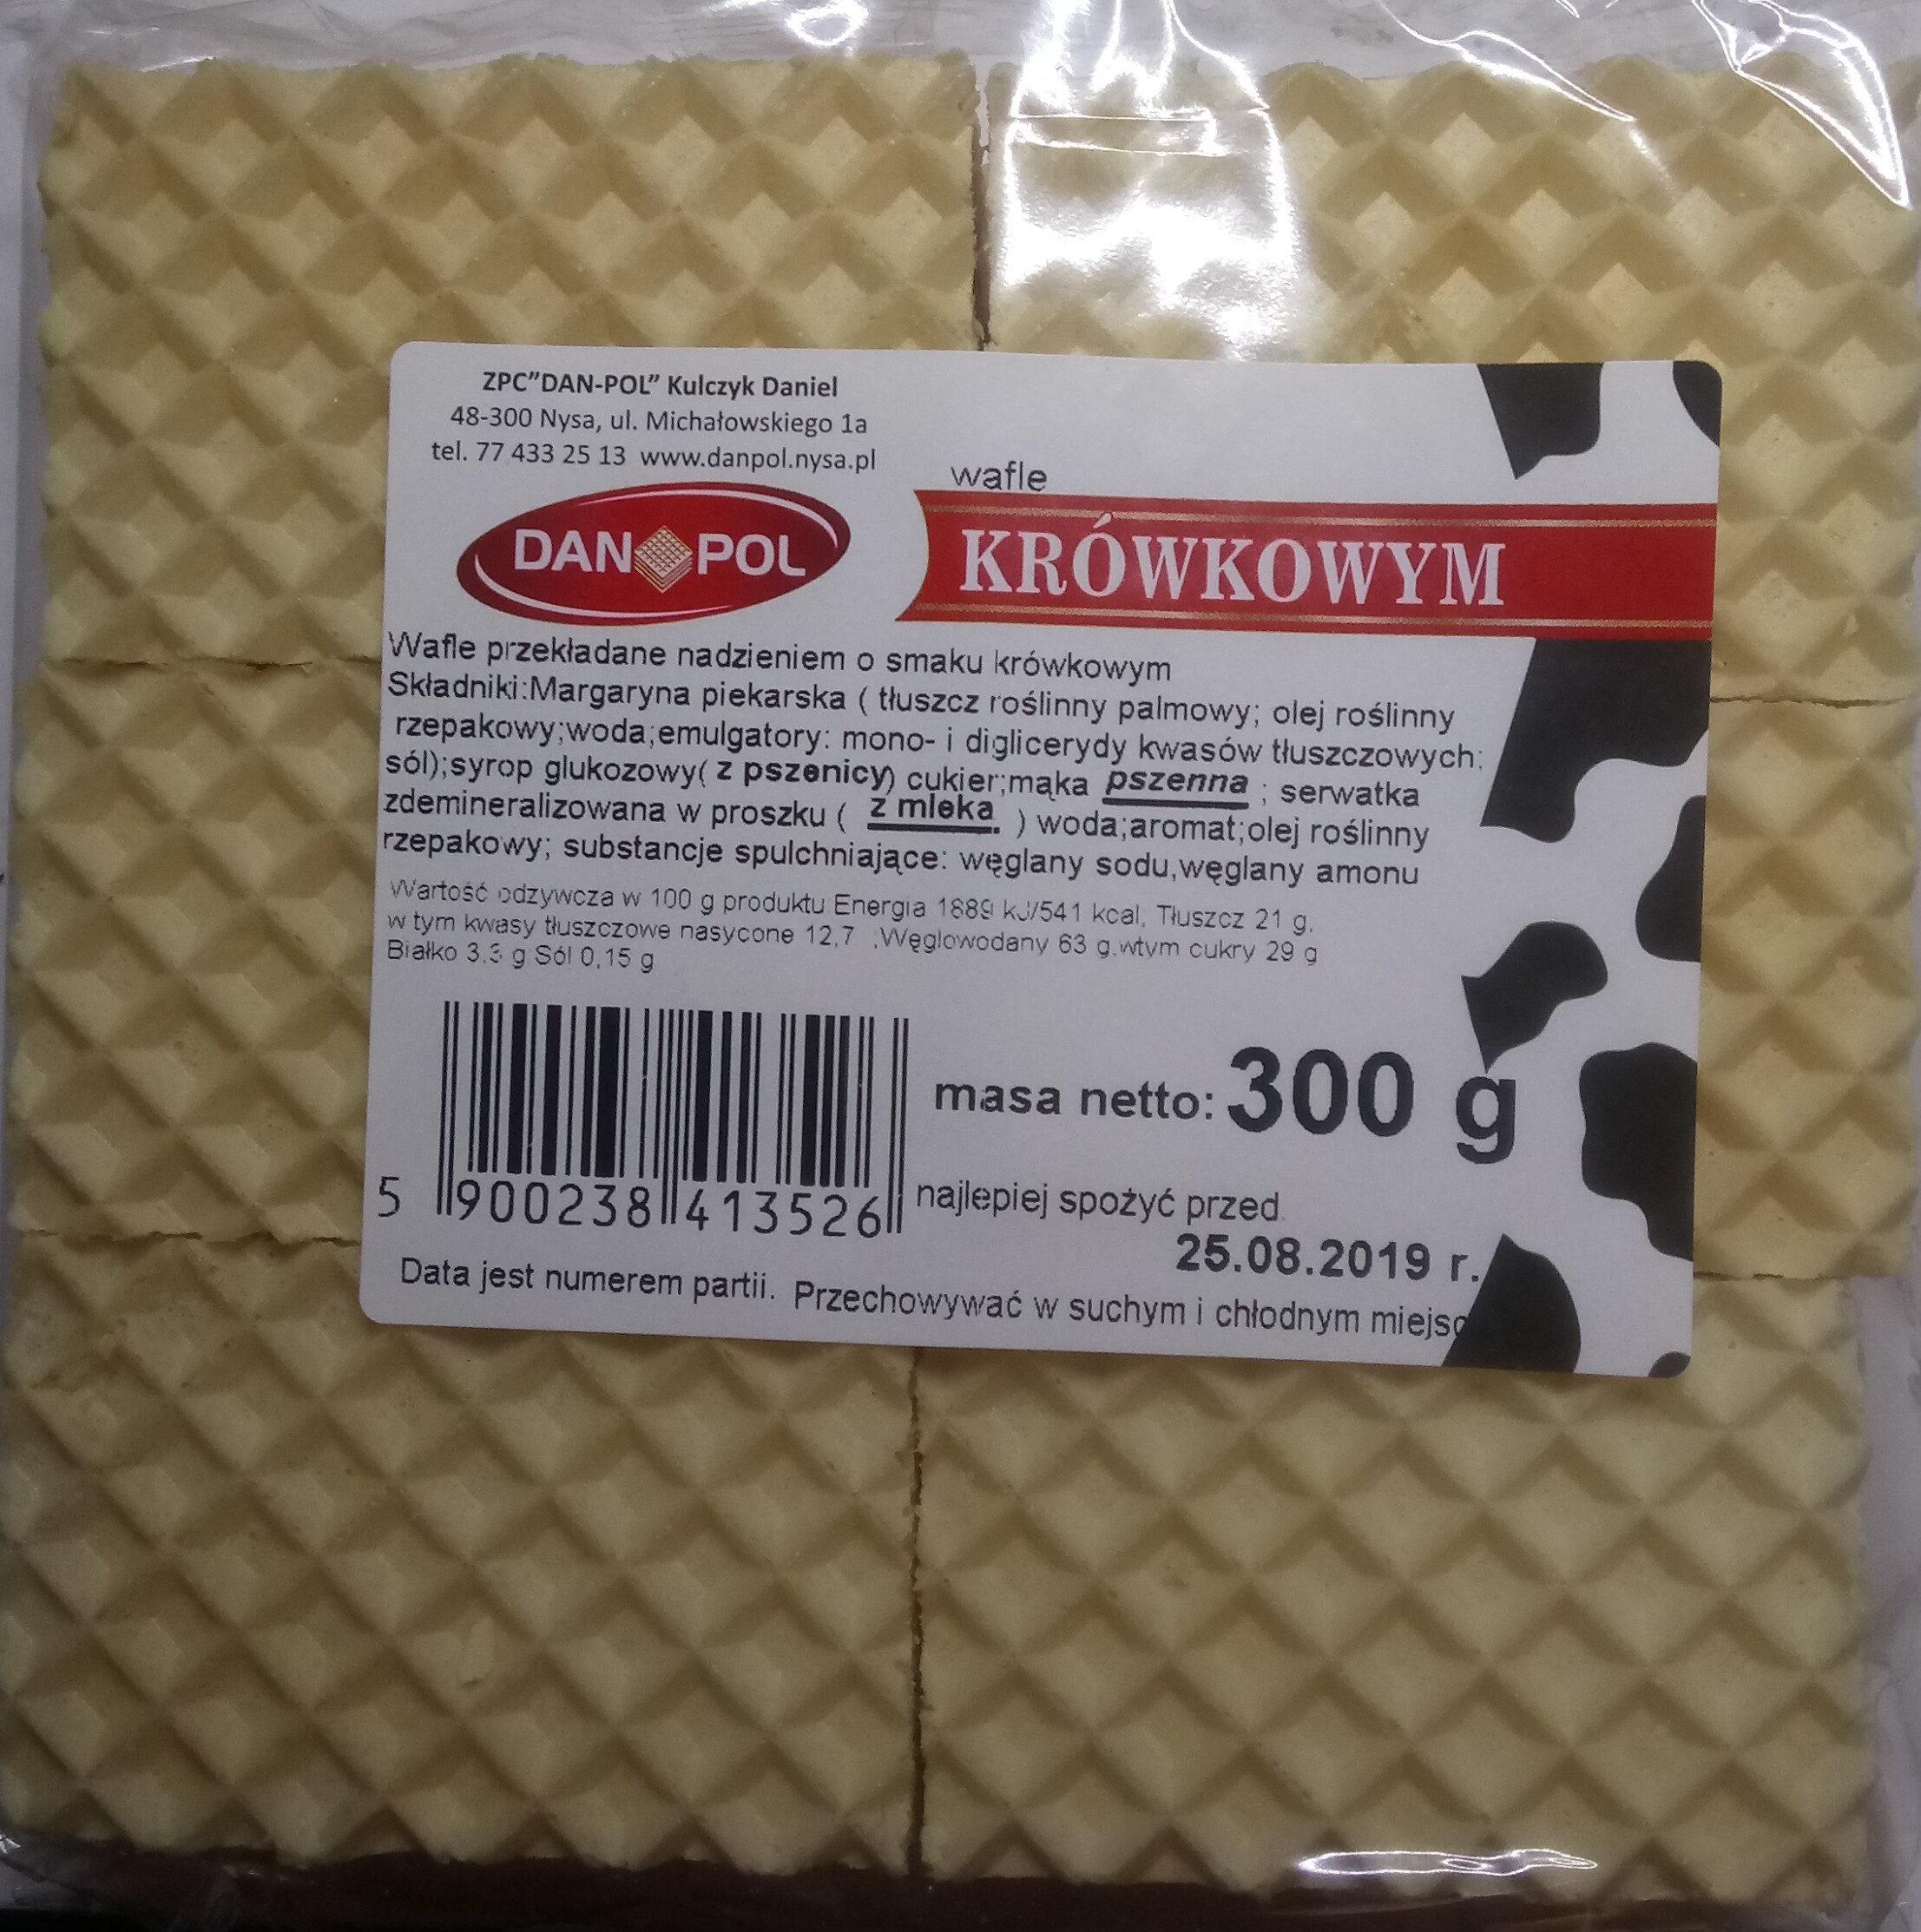 Wafle przekładane nadzieniem o smaku krówkowym - Product - pl